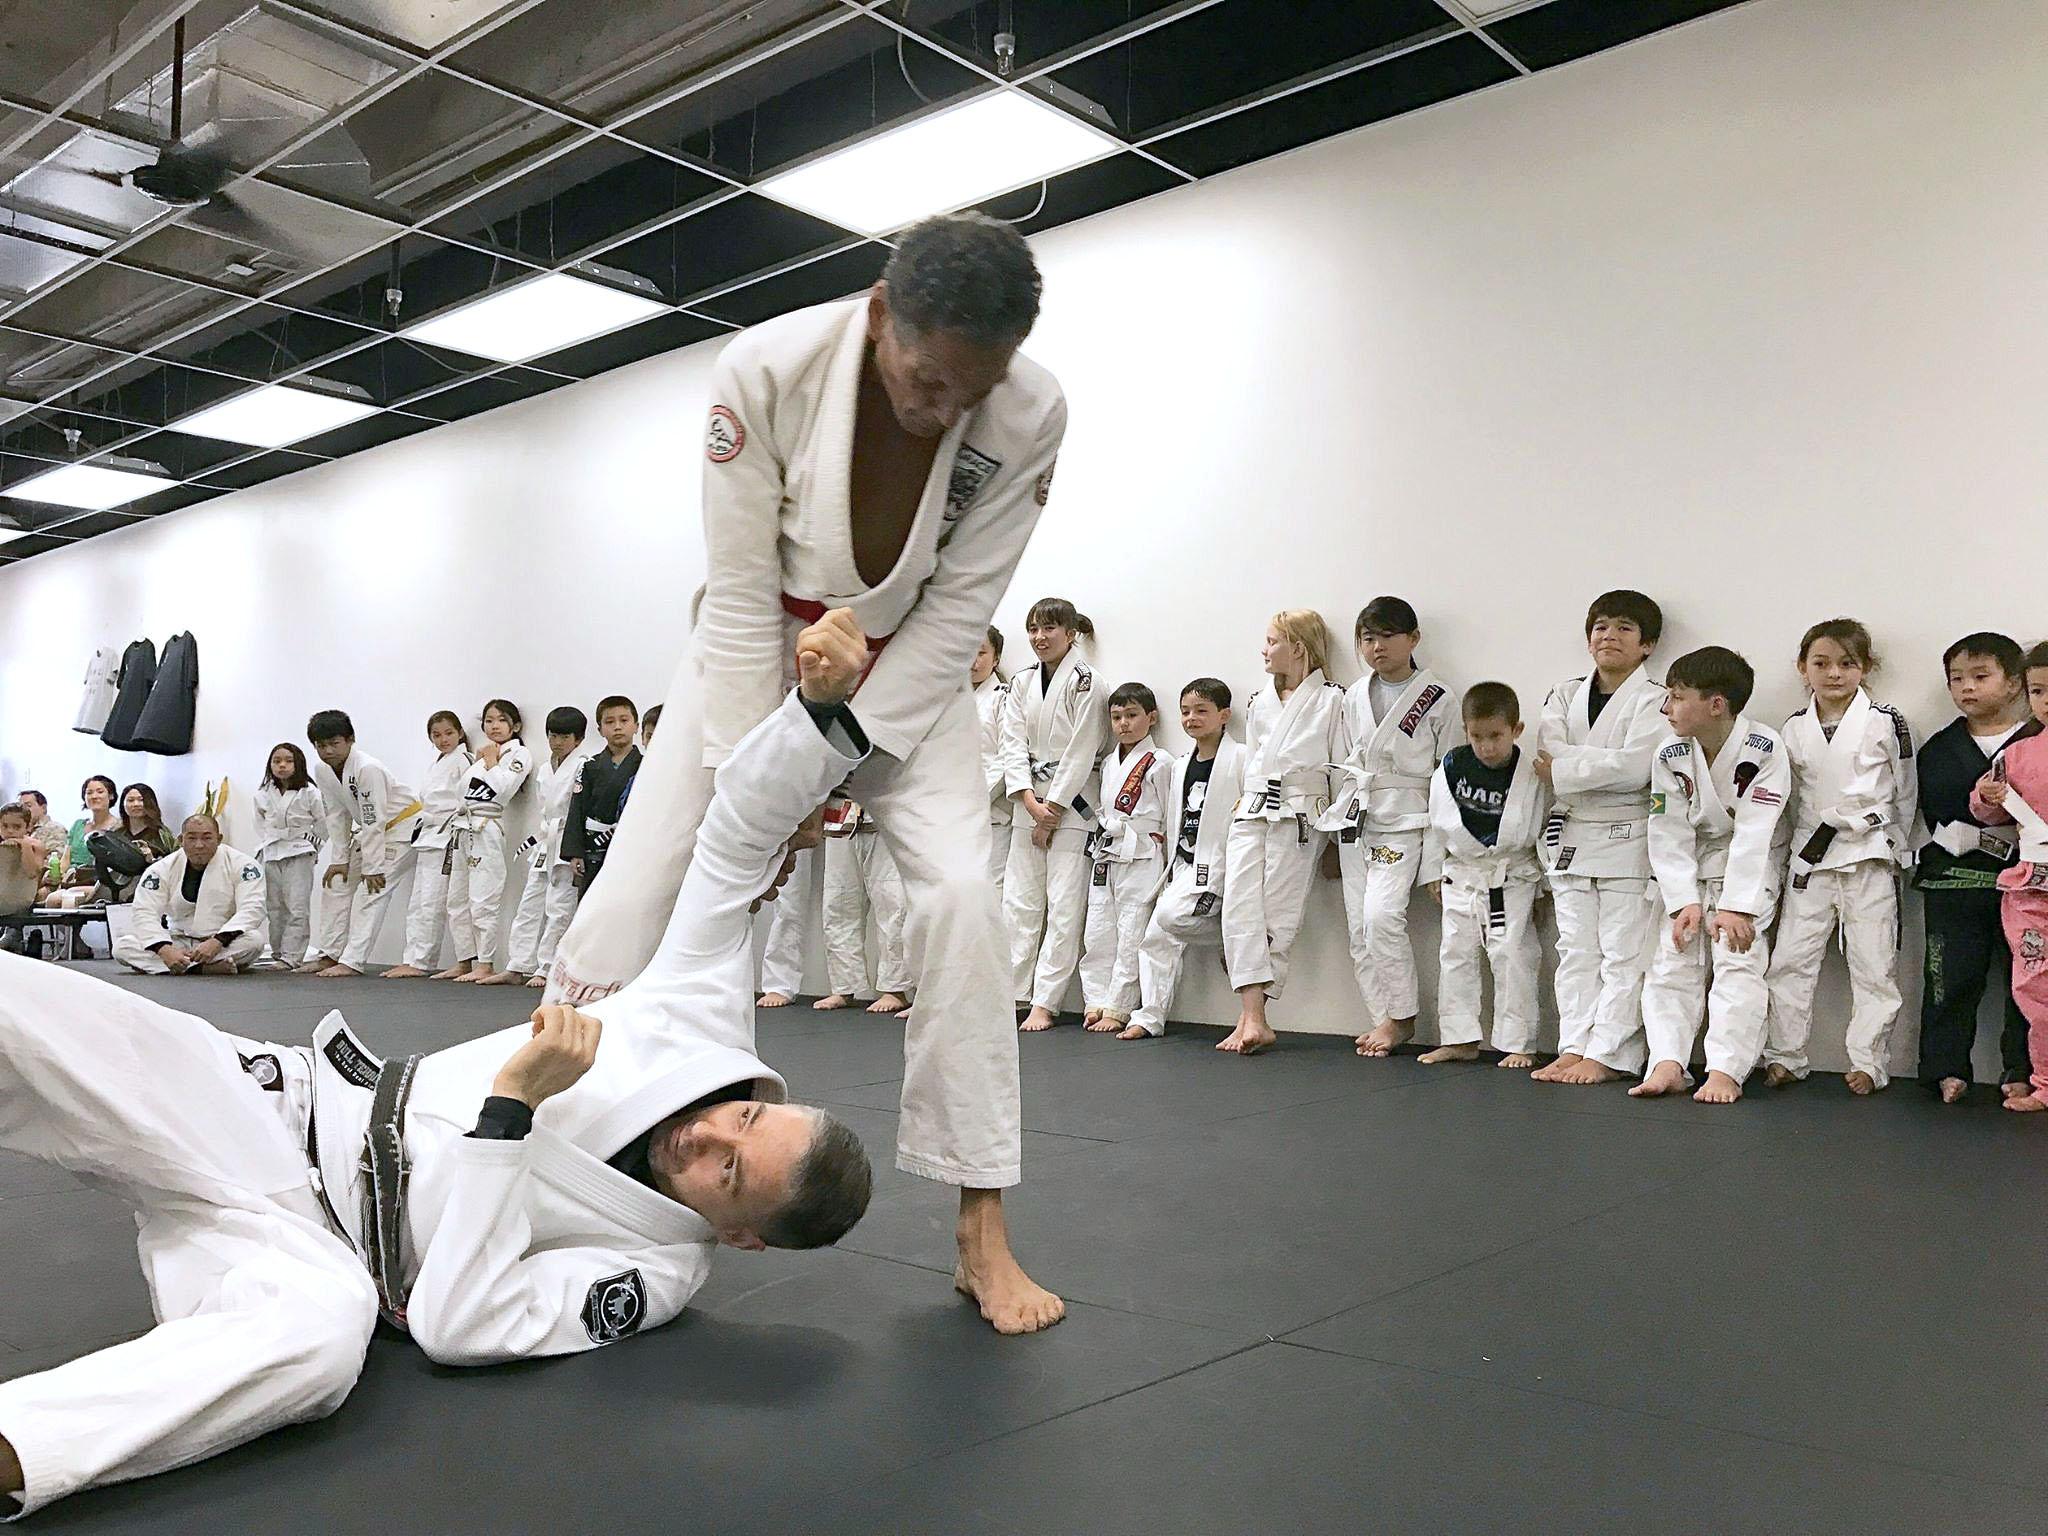 hnl-jiu-jitsu-honolulu-bjj-gracie-1-19.jpg